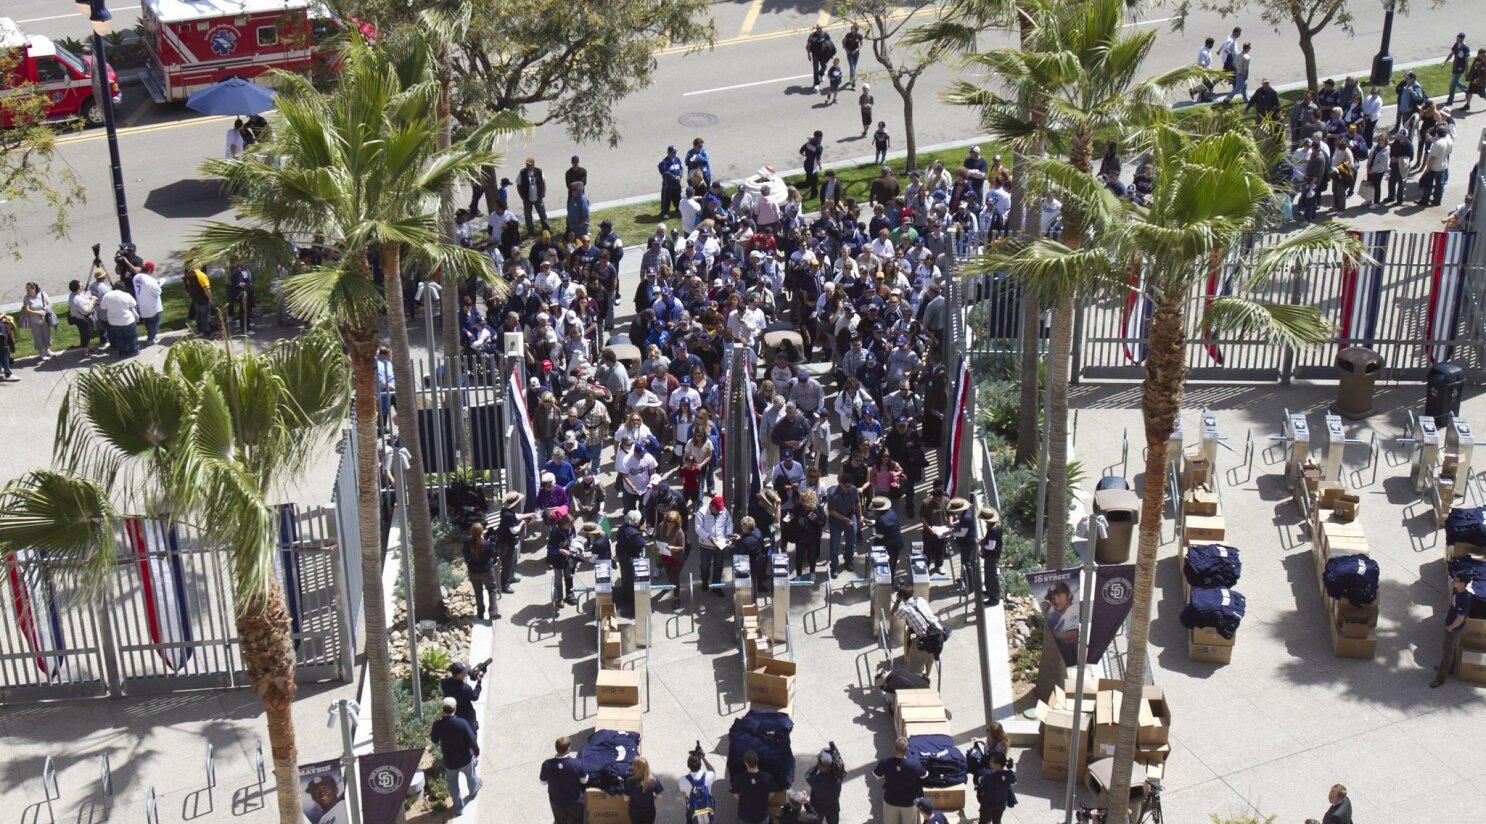 Fans not optimistic about Padres - The San Diego Union-Tribune